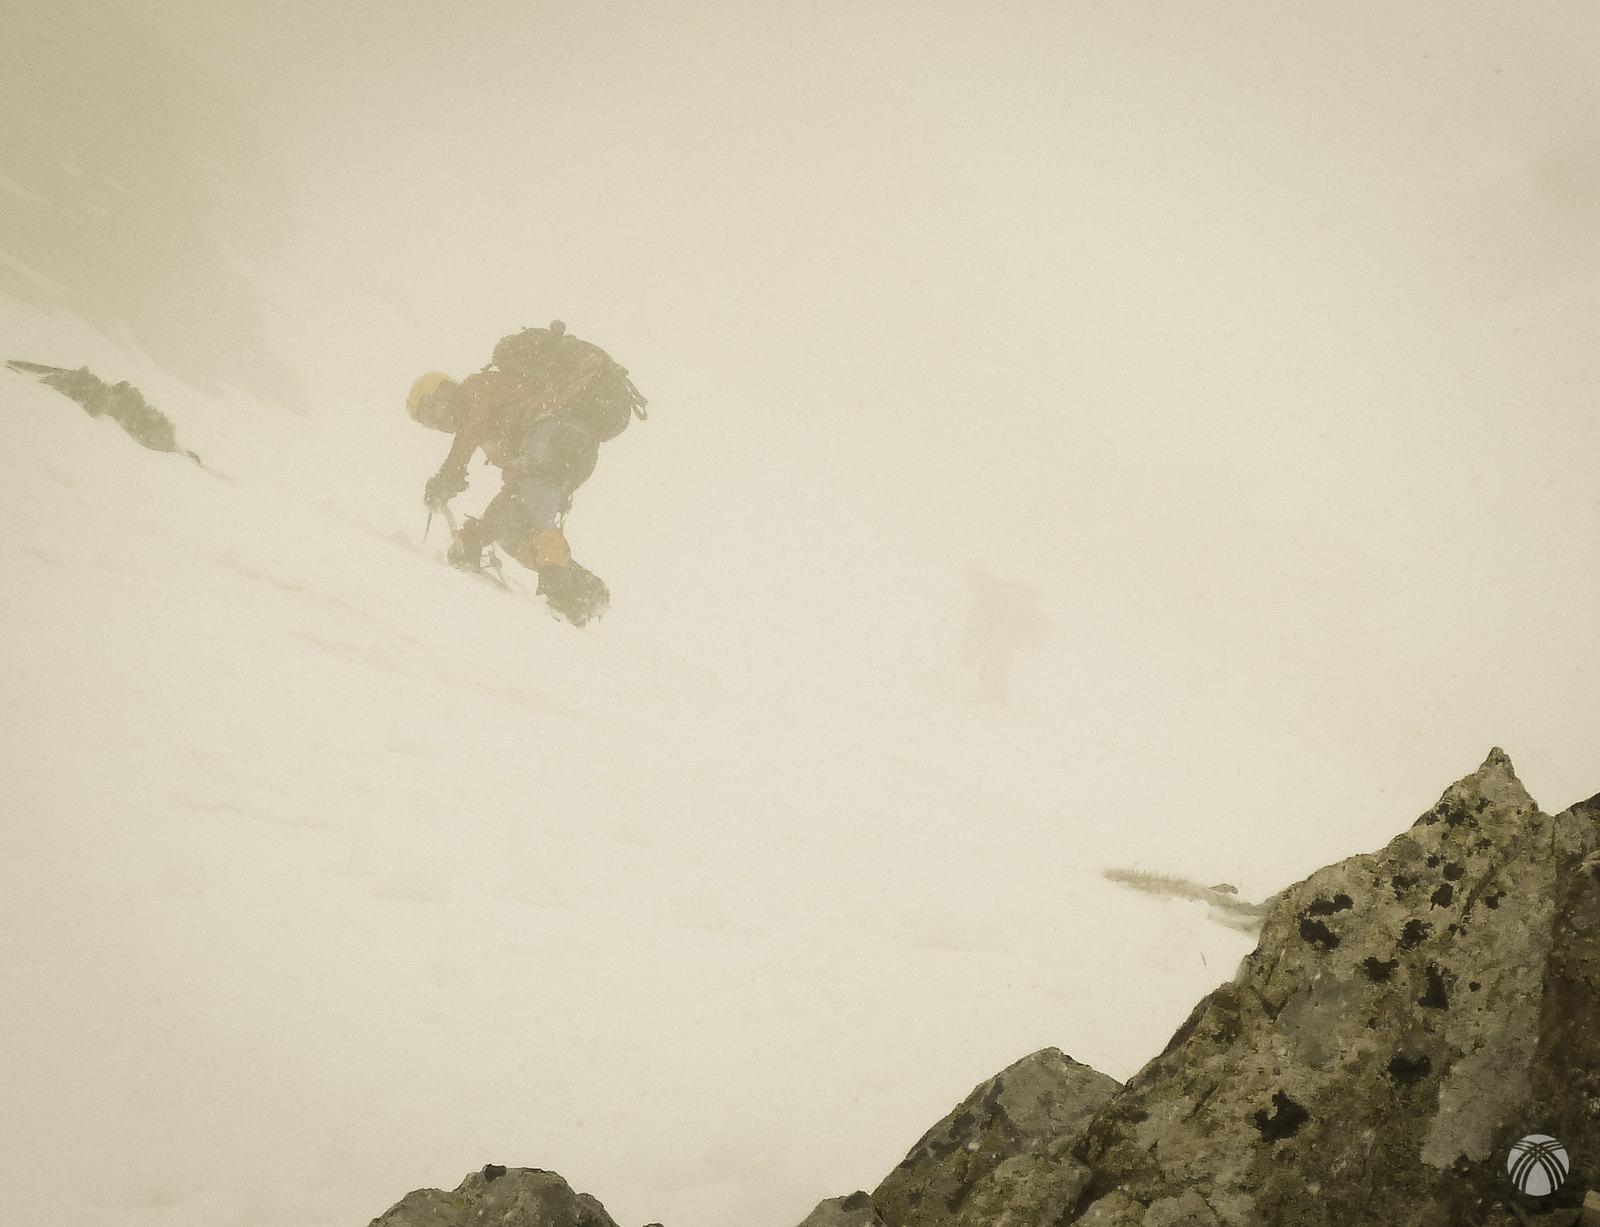 Mucha precaución. Nieve blanda húmeda arriba y hielo debajo